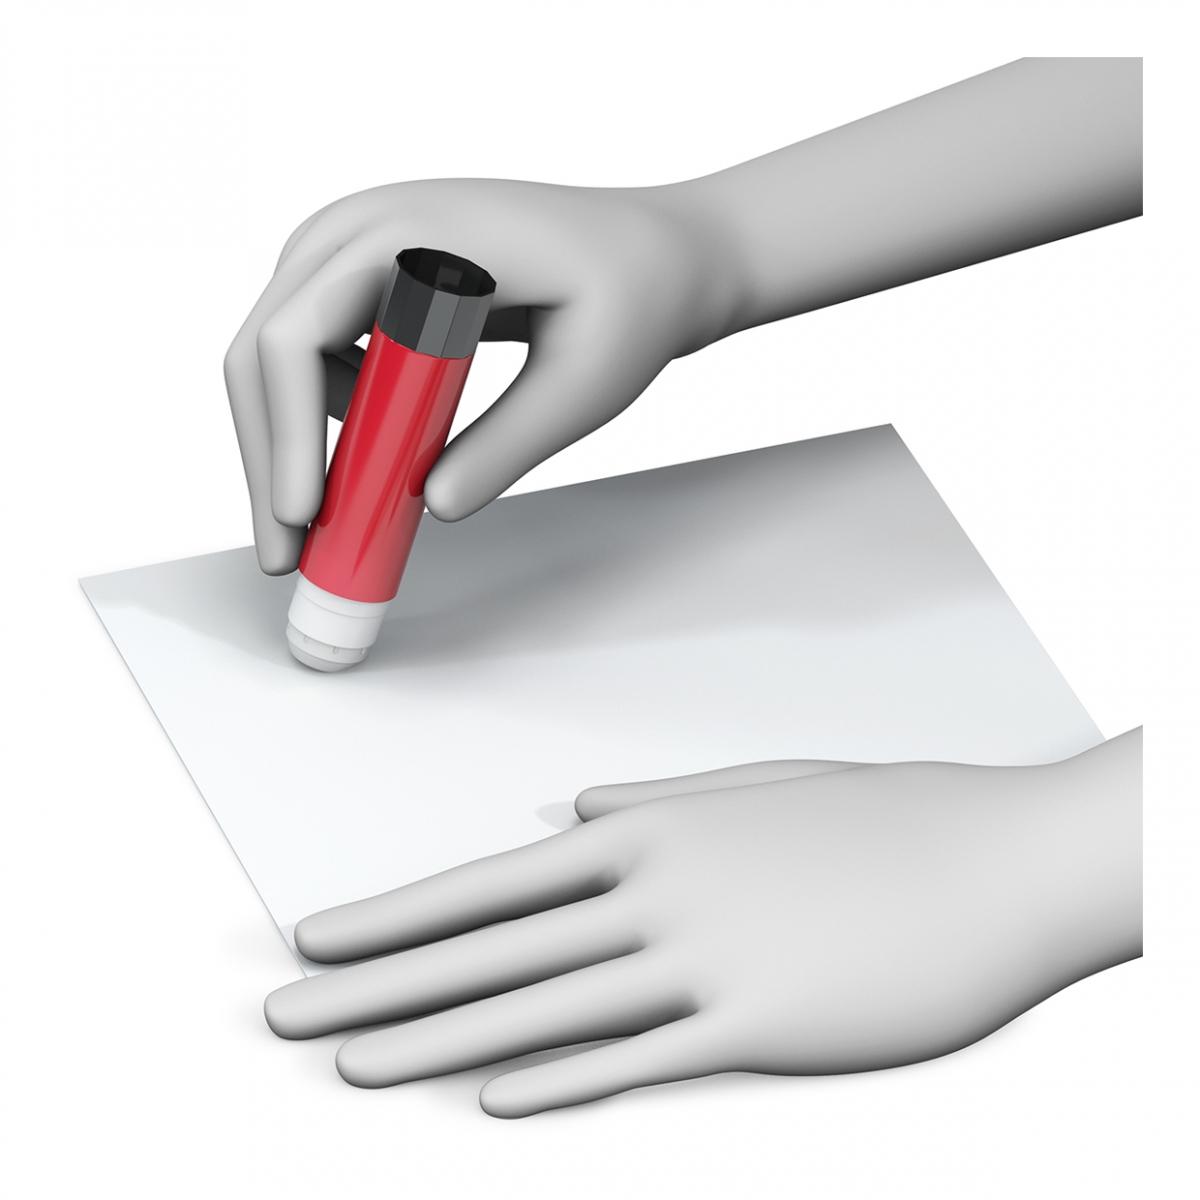 Imagen de una mano pegando con una barra de pegamento